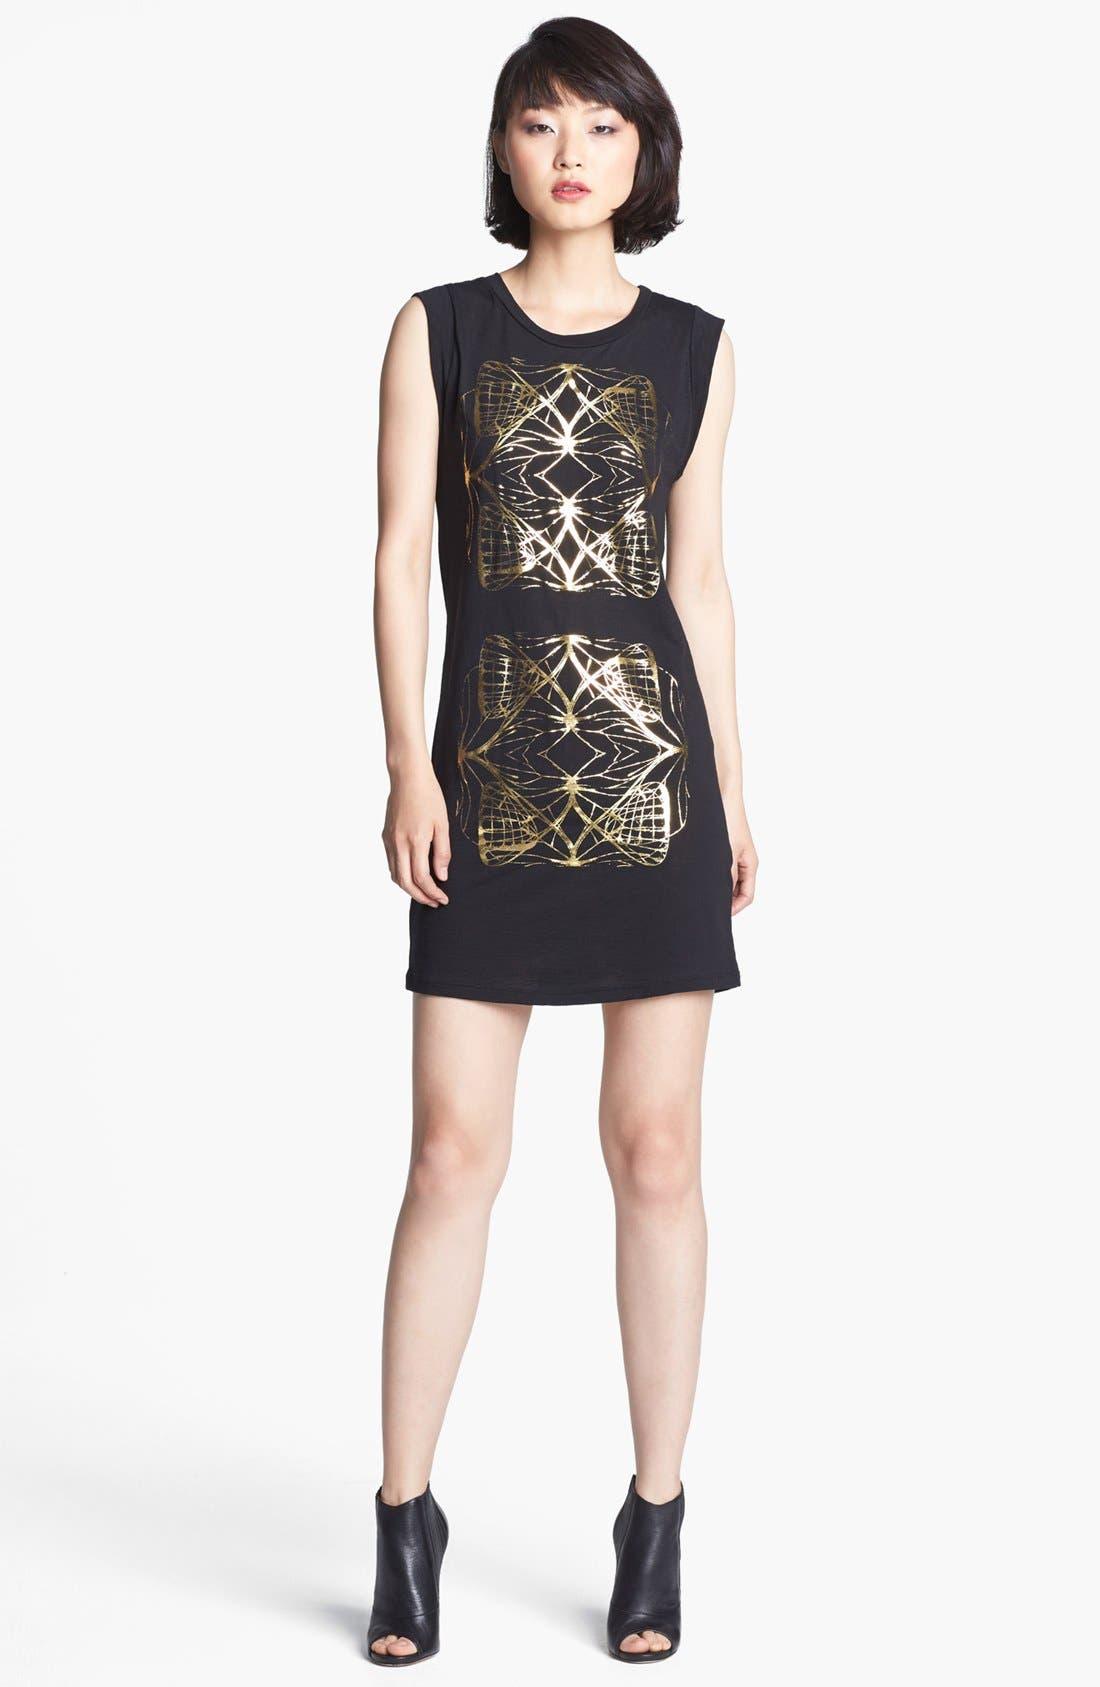 Alternate Image 1 Selected - Kelly Wearstler 'Diamond' Foiled Print Dress